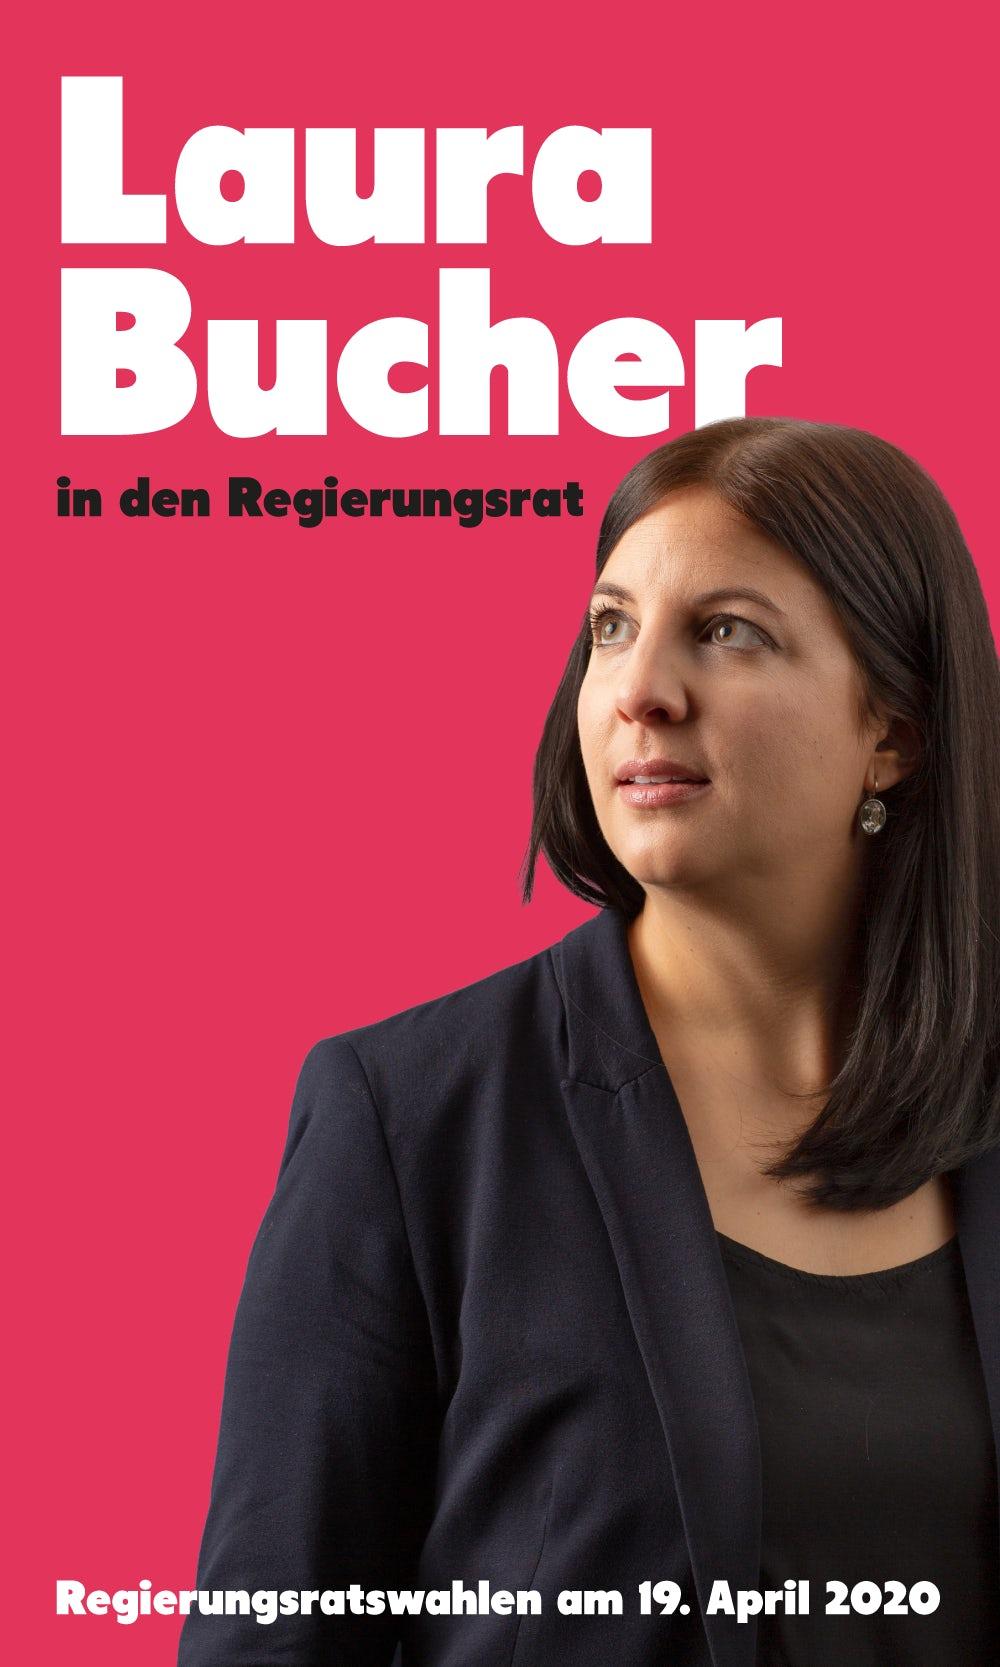 Laura Bucher